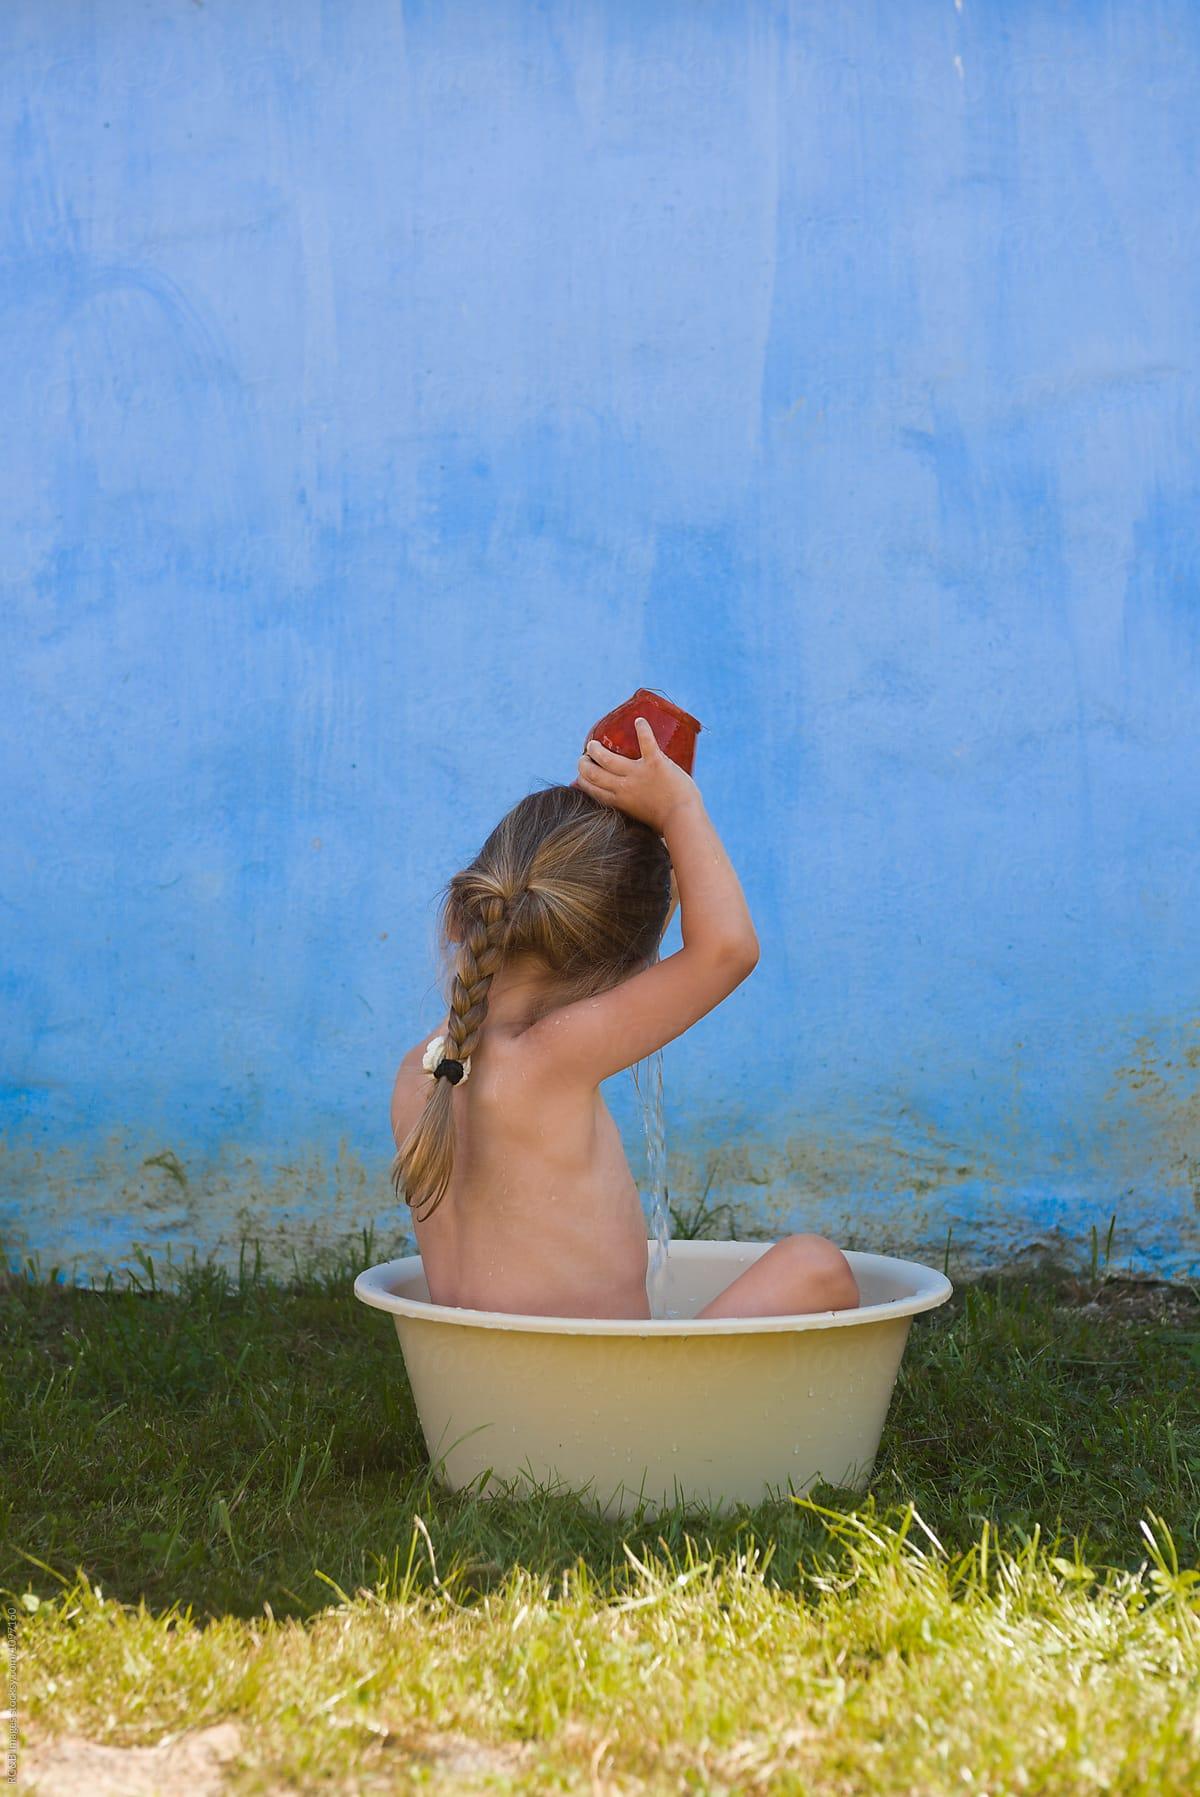 Puerto vallarta nude photos girls